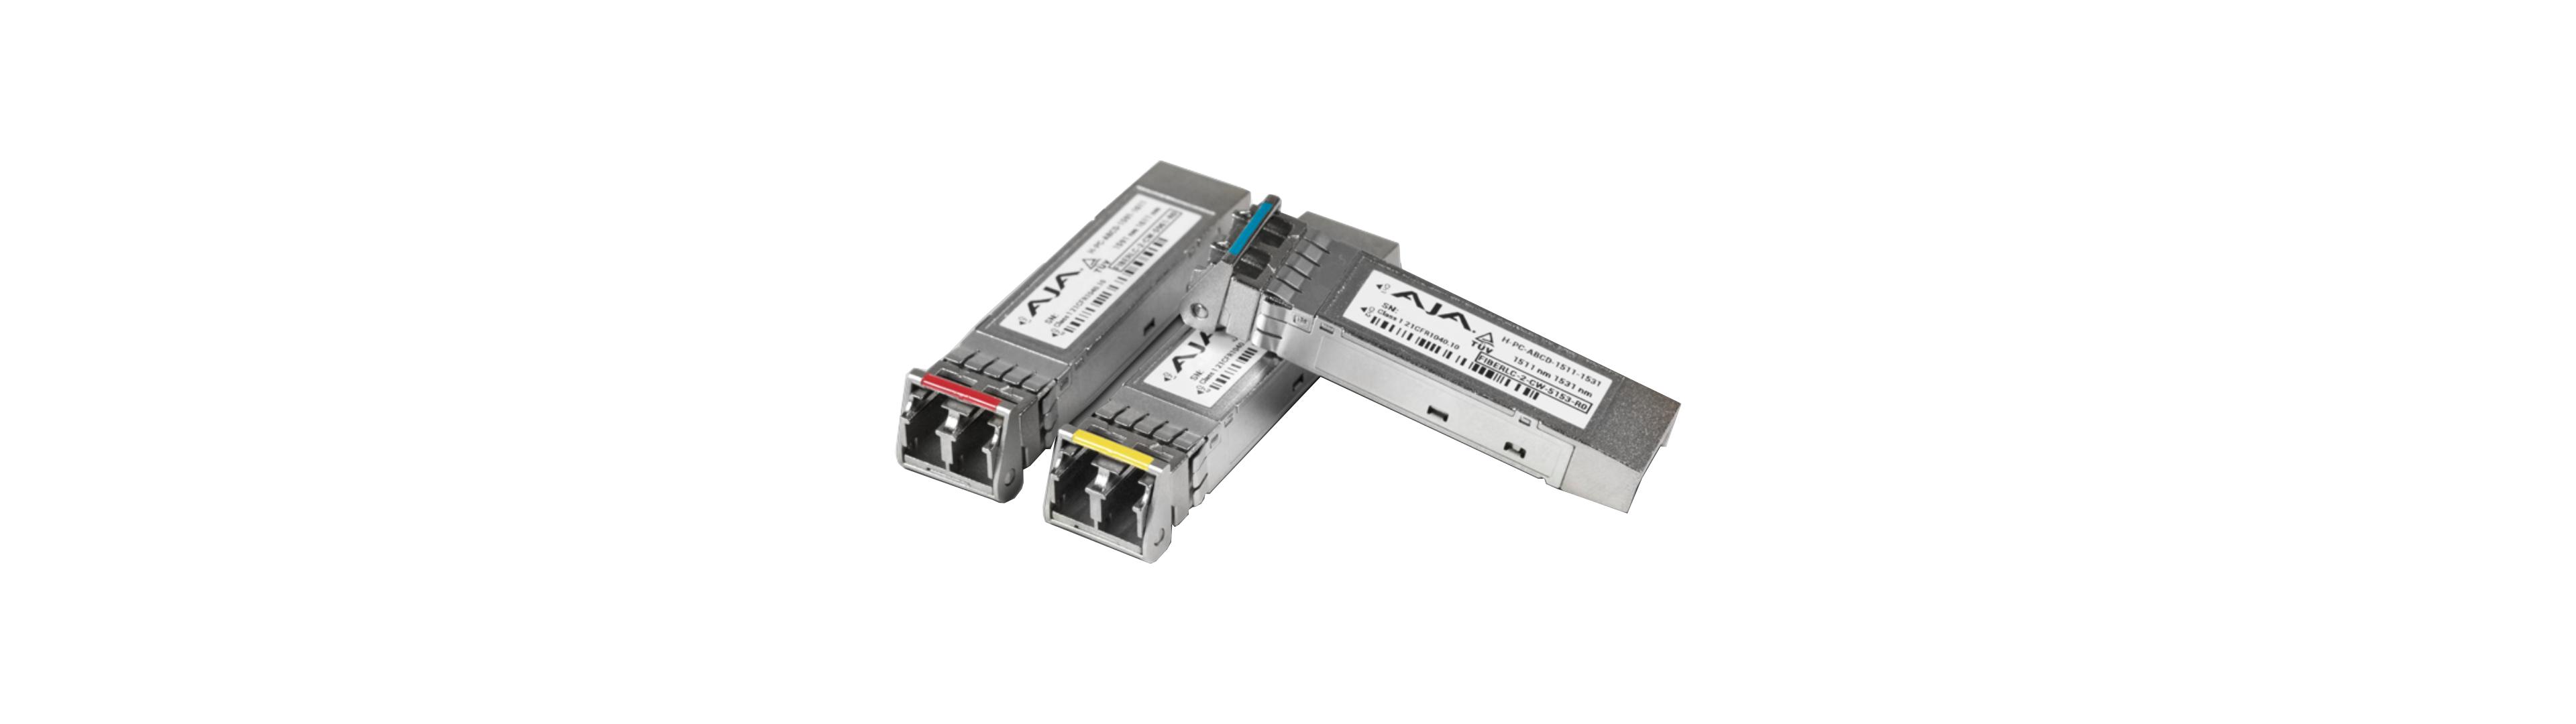 Dual TX 1391/1411 SDI Fiber